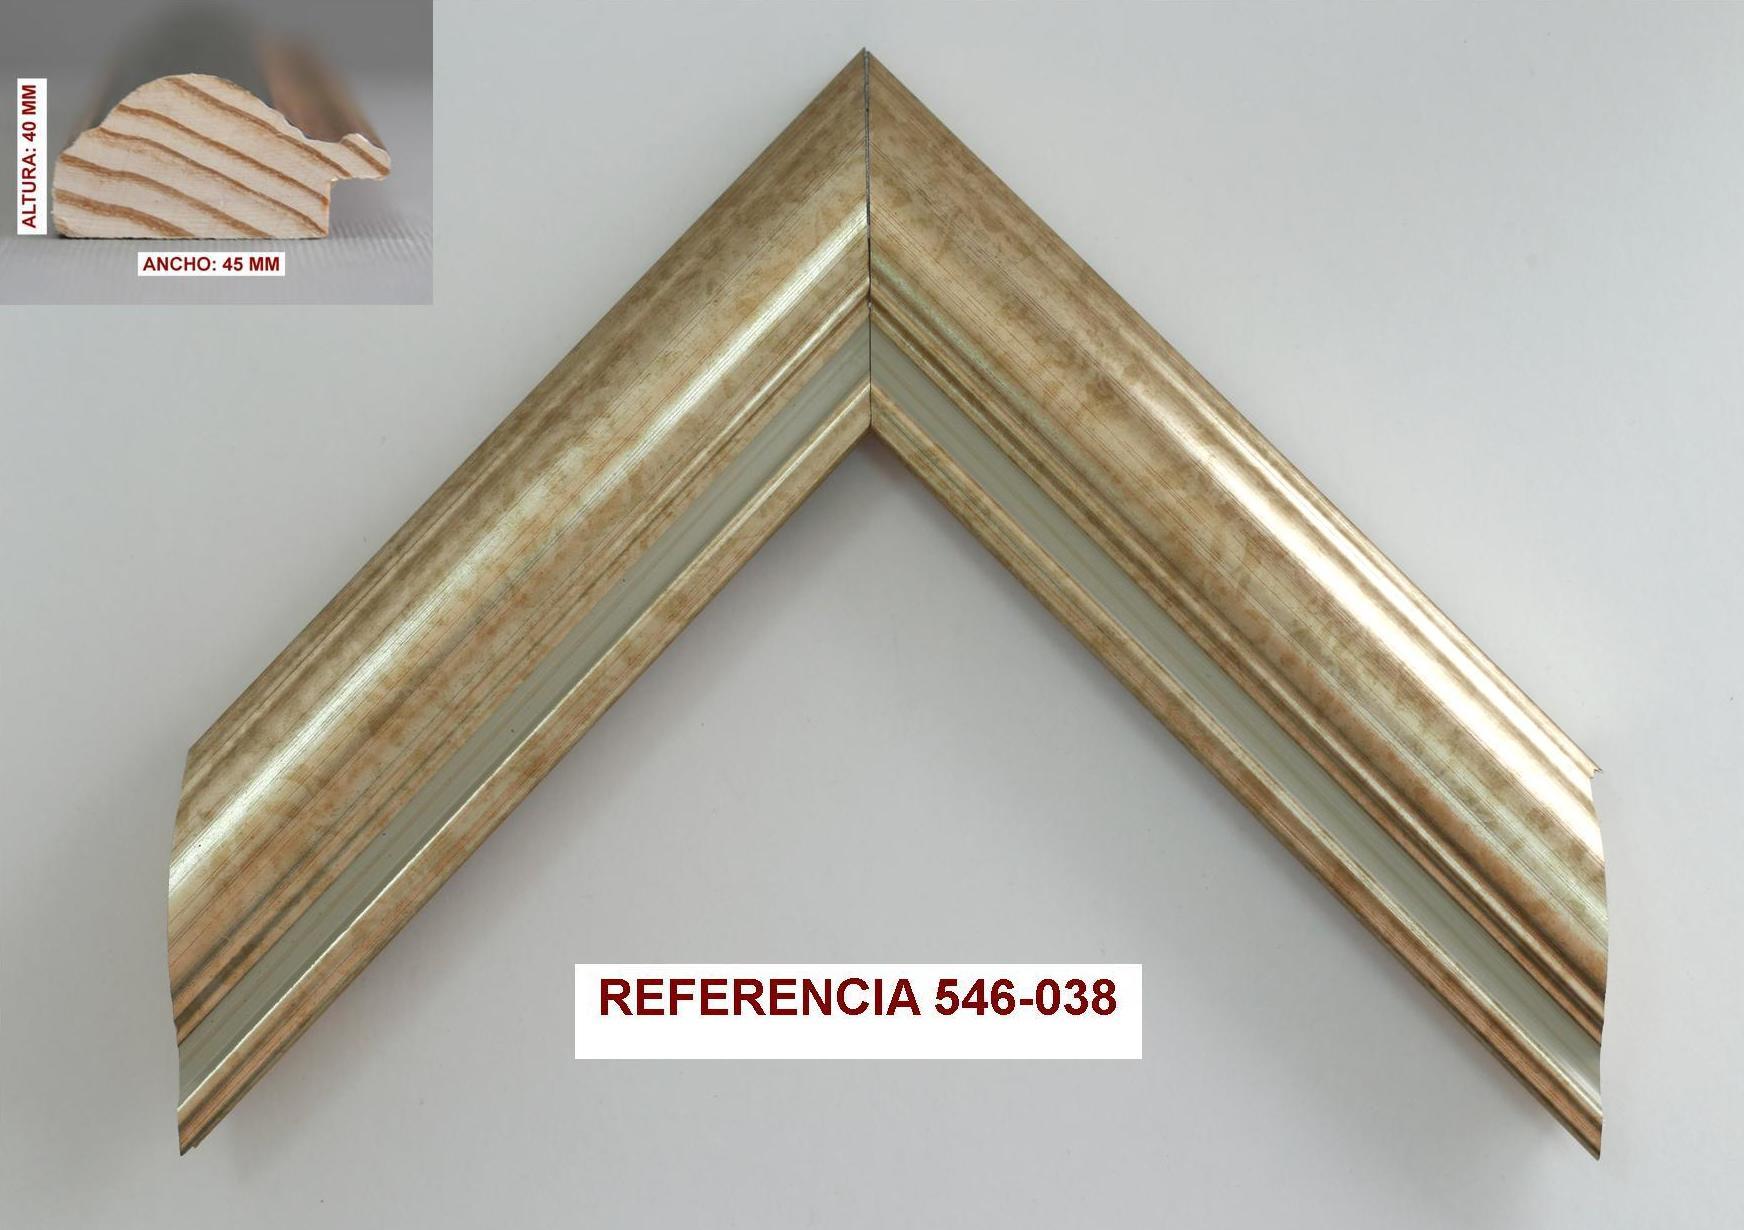 REF 546-038: Muestrario de Moldusevilla